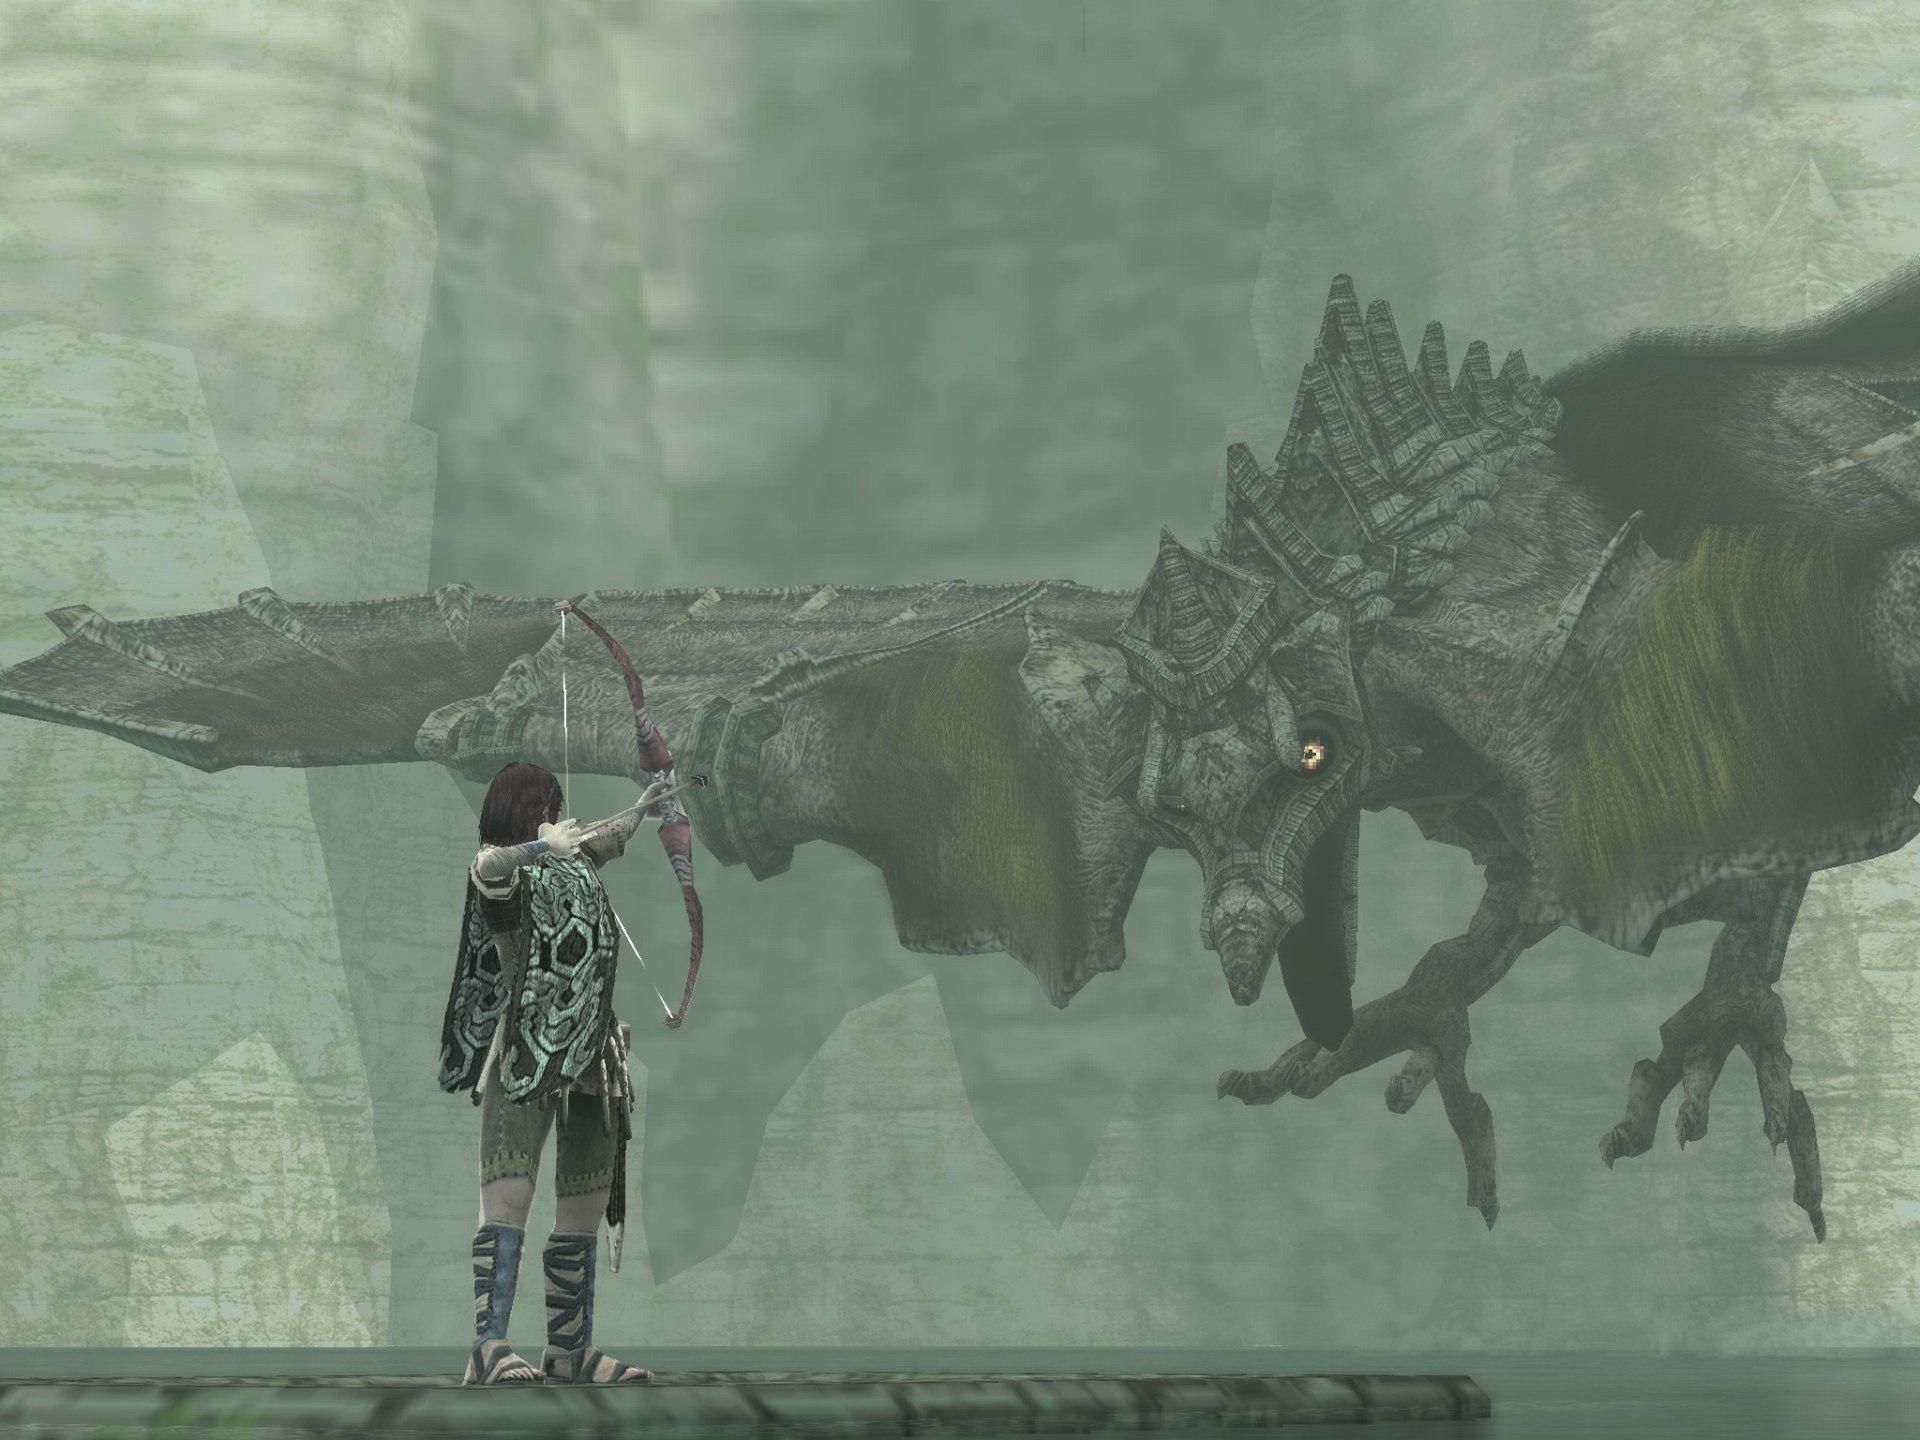 La versión de PS3 se ve bastaaaante bien eh